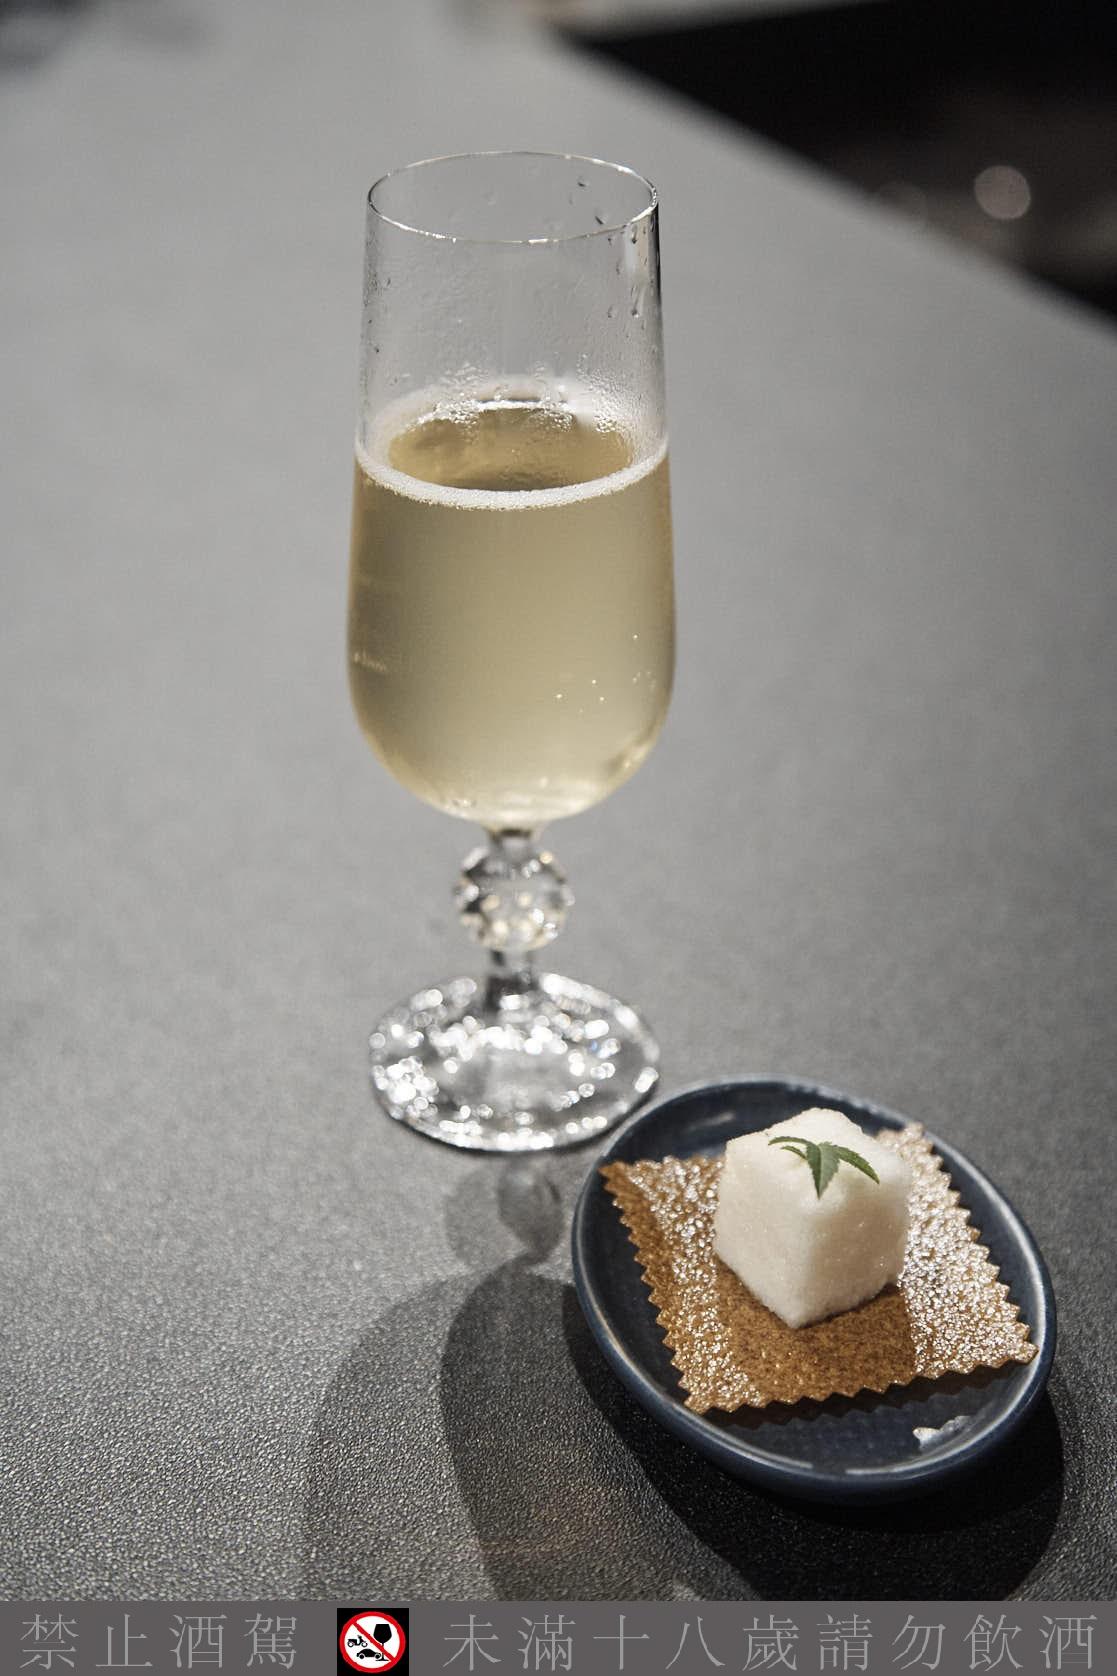 台灣之光岳佳毅將代表台灣至德國世界頂尖調酒大賽決賽角逐世界冠軍